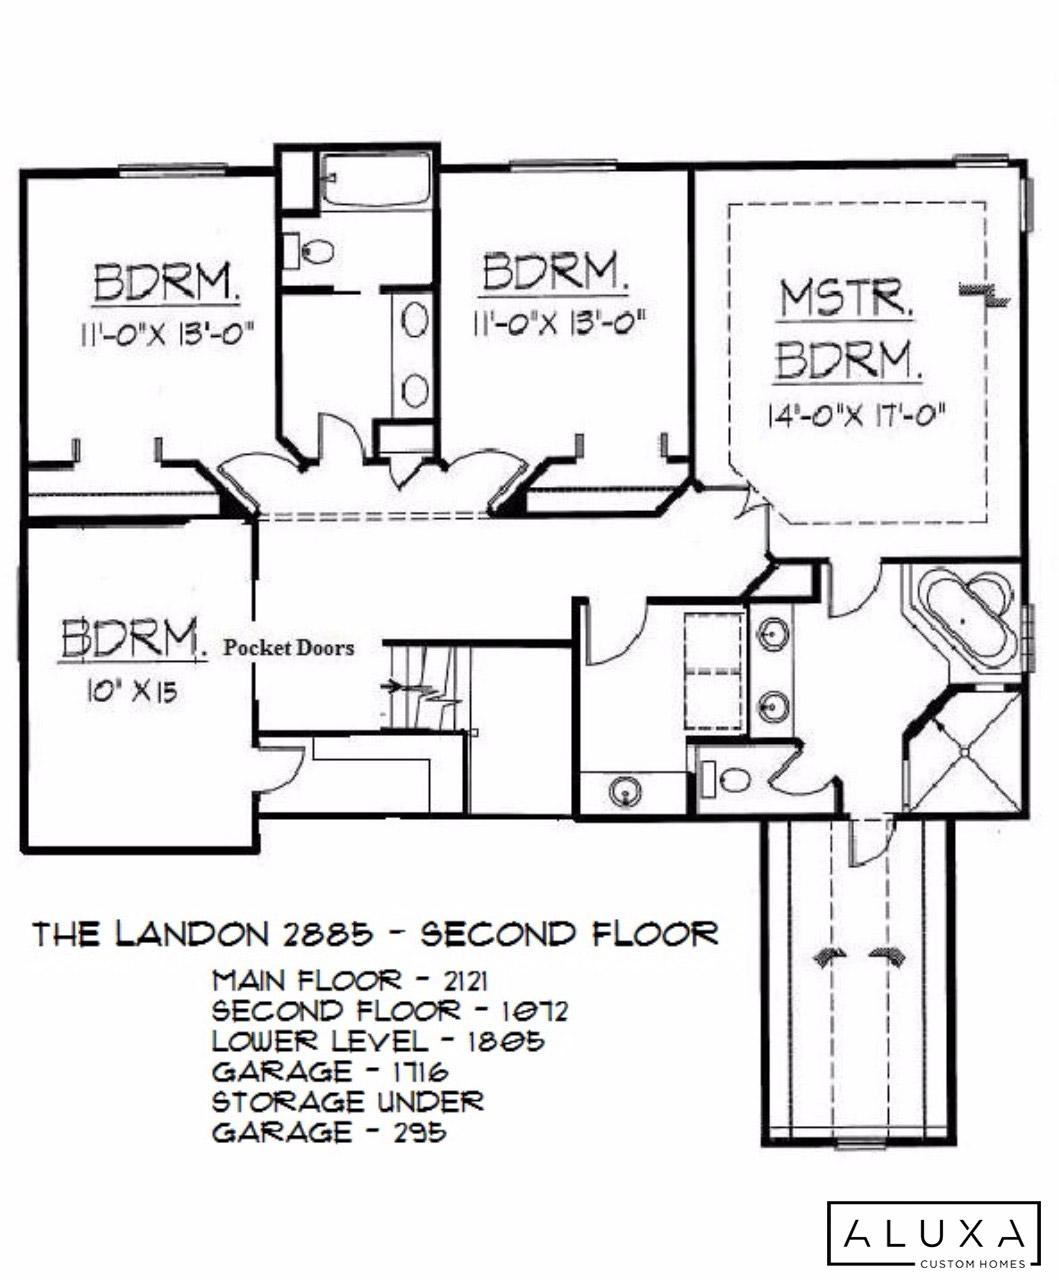 The Landon Aluxa Homes